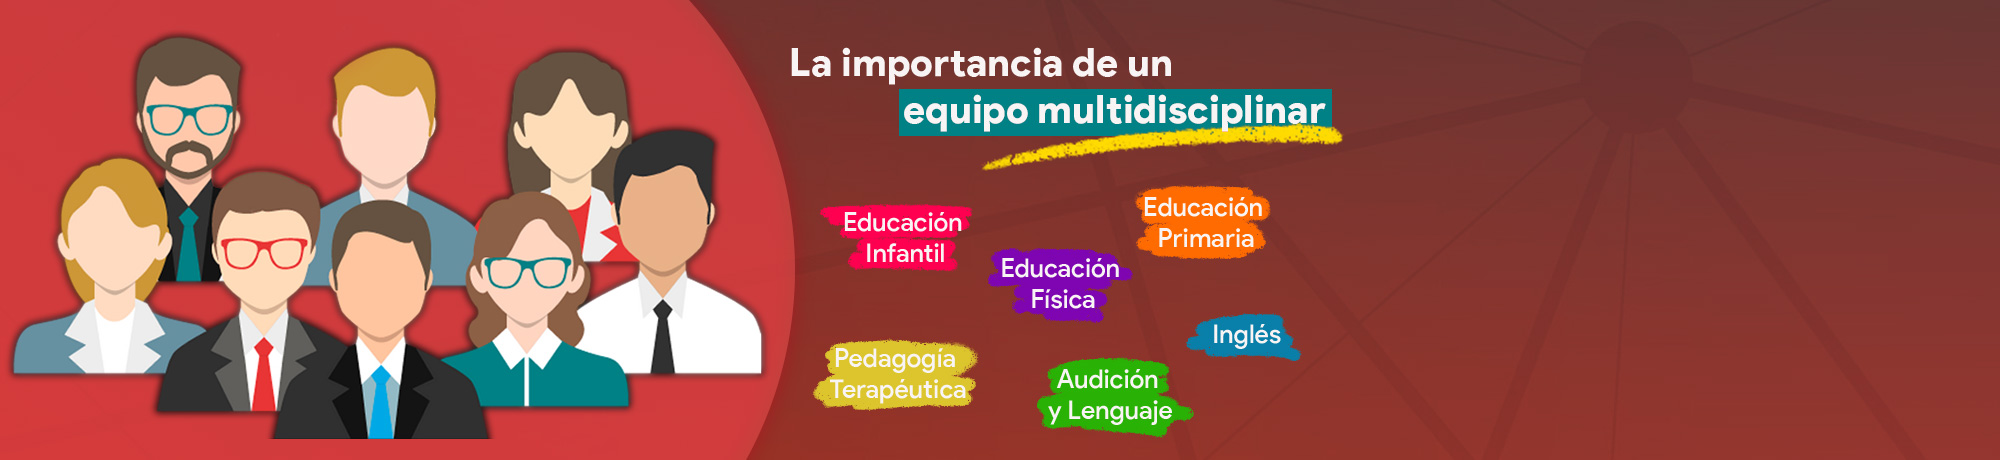 Multidisciplinar